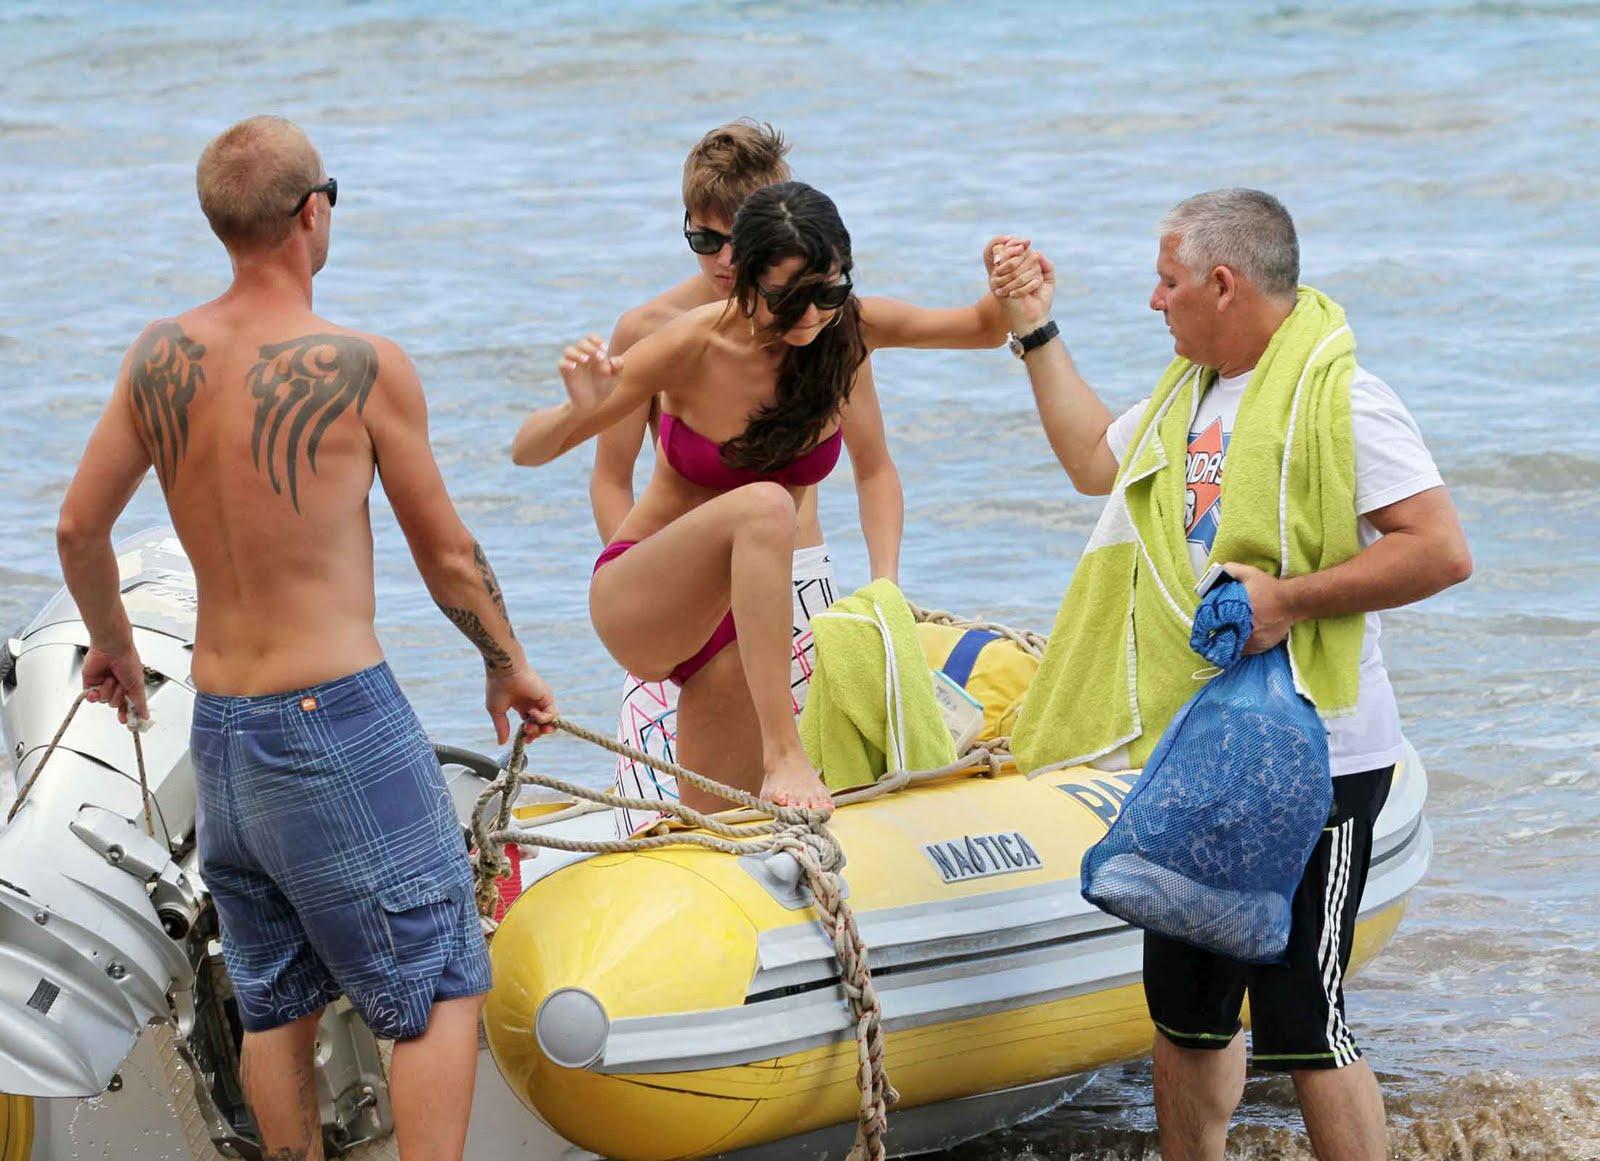 http://2.bp.blogspot.com/-6ZwpDcv4ybw/TfUsqBJhUVI/AAAAAAAADZo/dtRhltnHHZ0/s1600/Selena+Gomez+in+Bikini+2.jpg